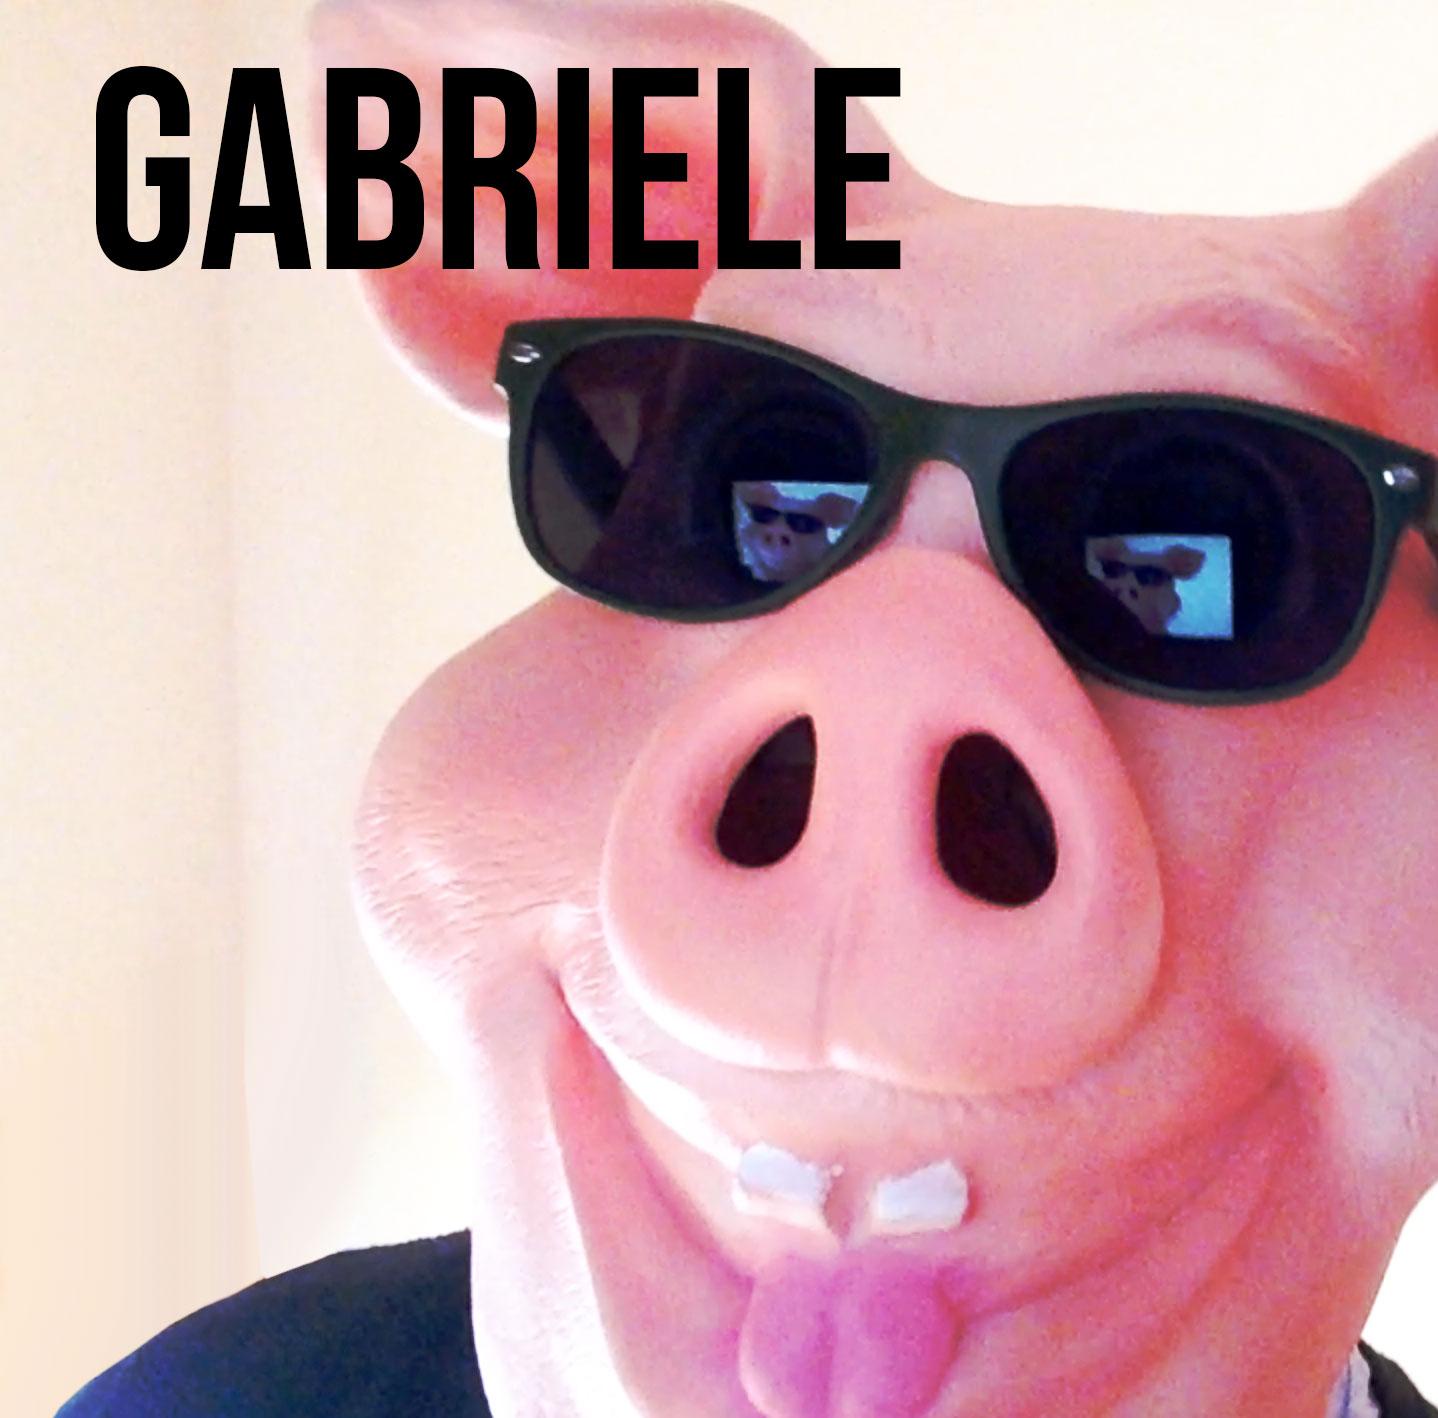 Alex Castelli – Gabriele, video e testo